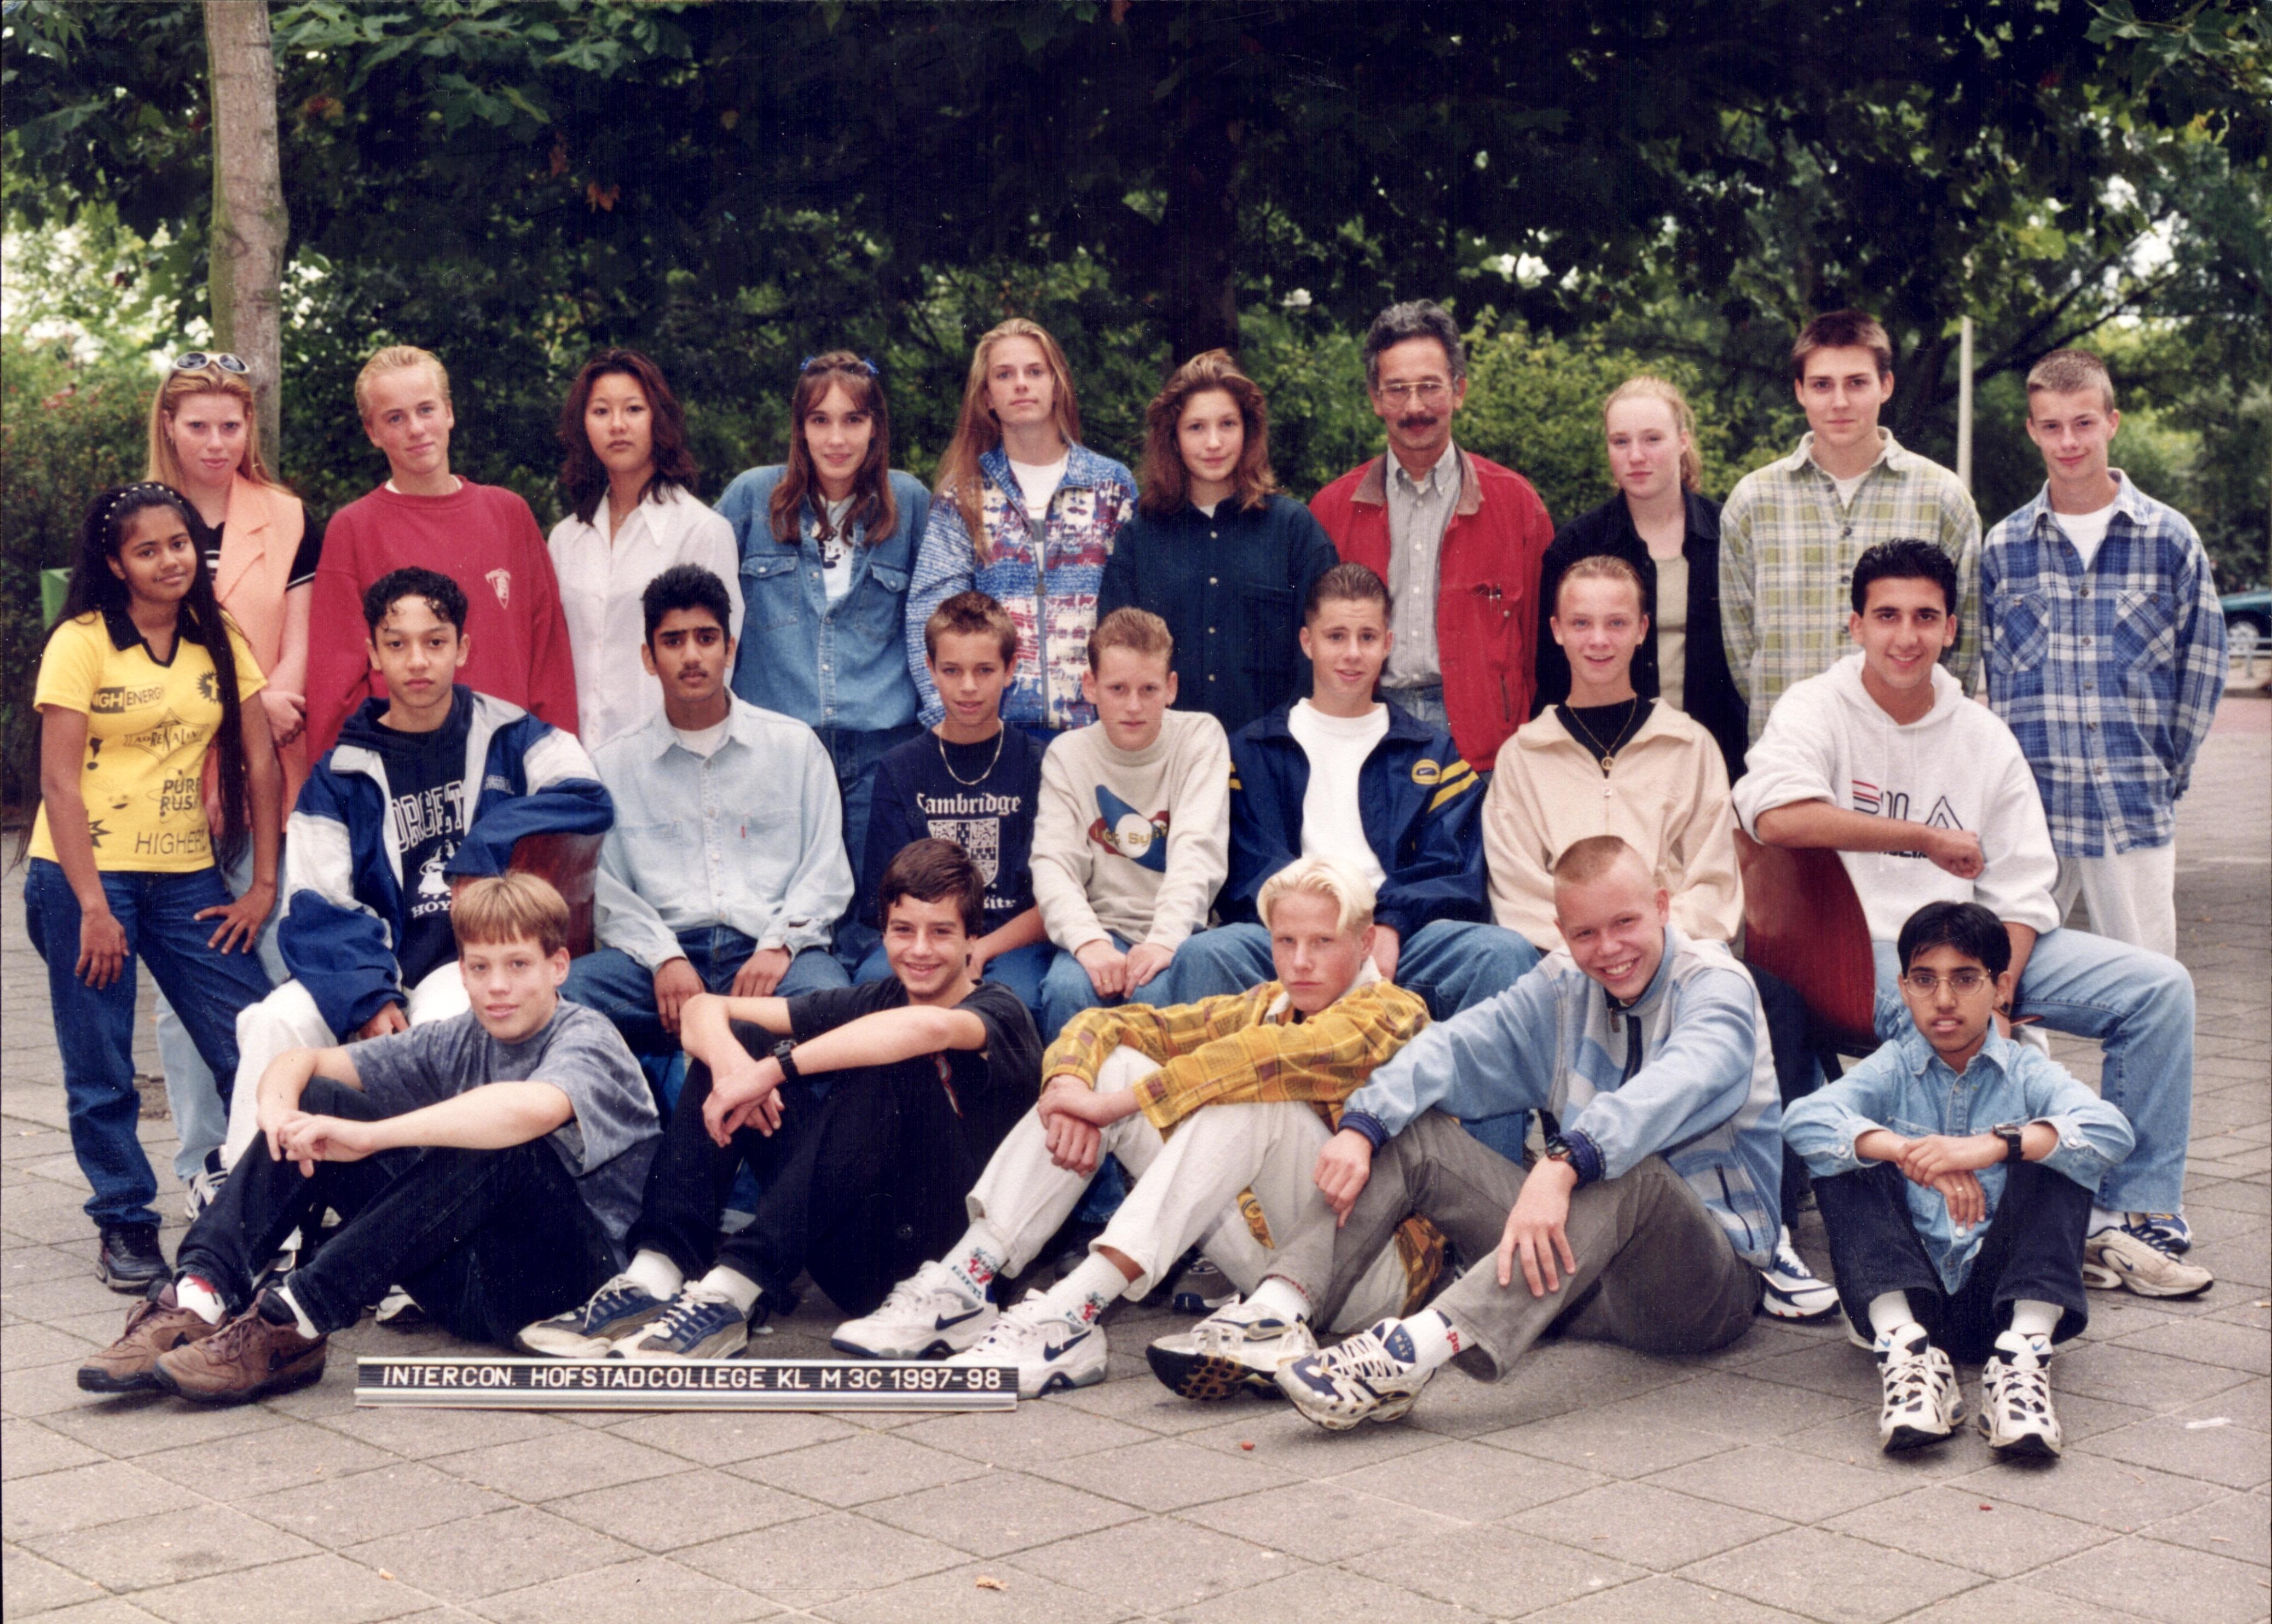 Interconf Hofstadcollege foto